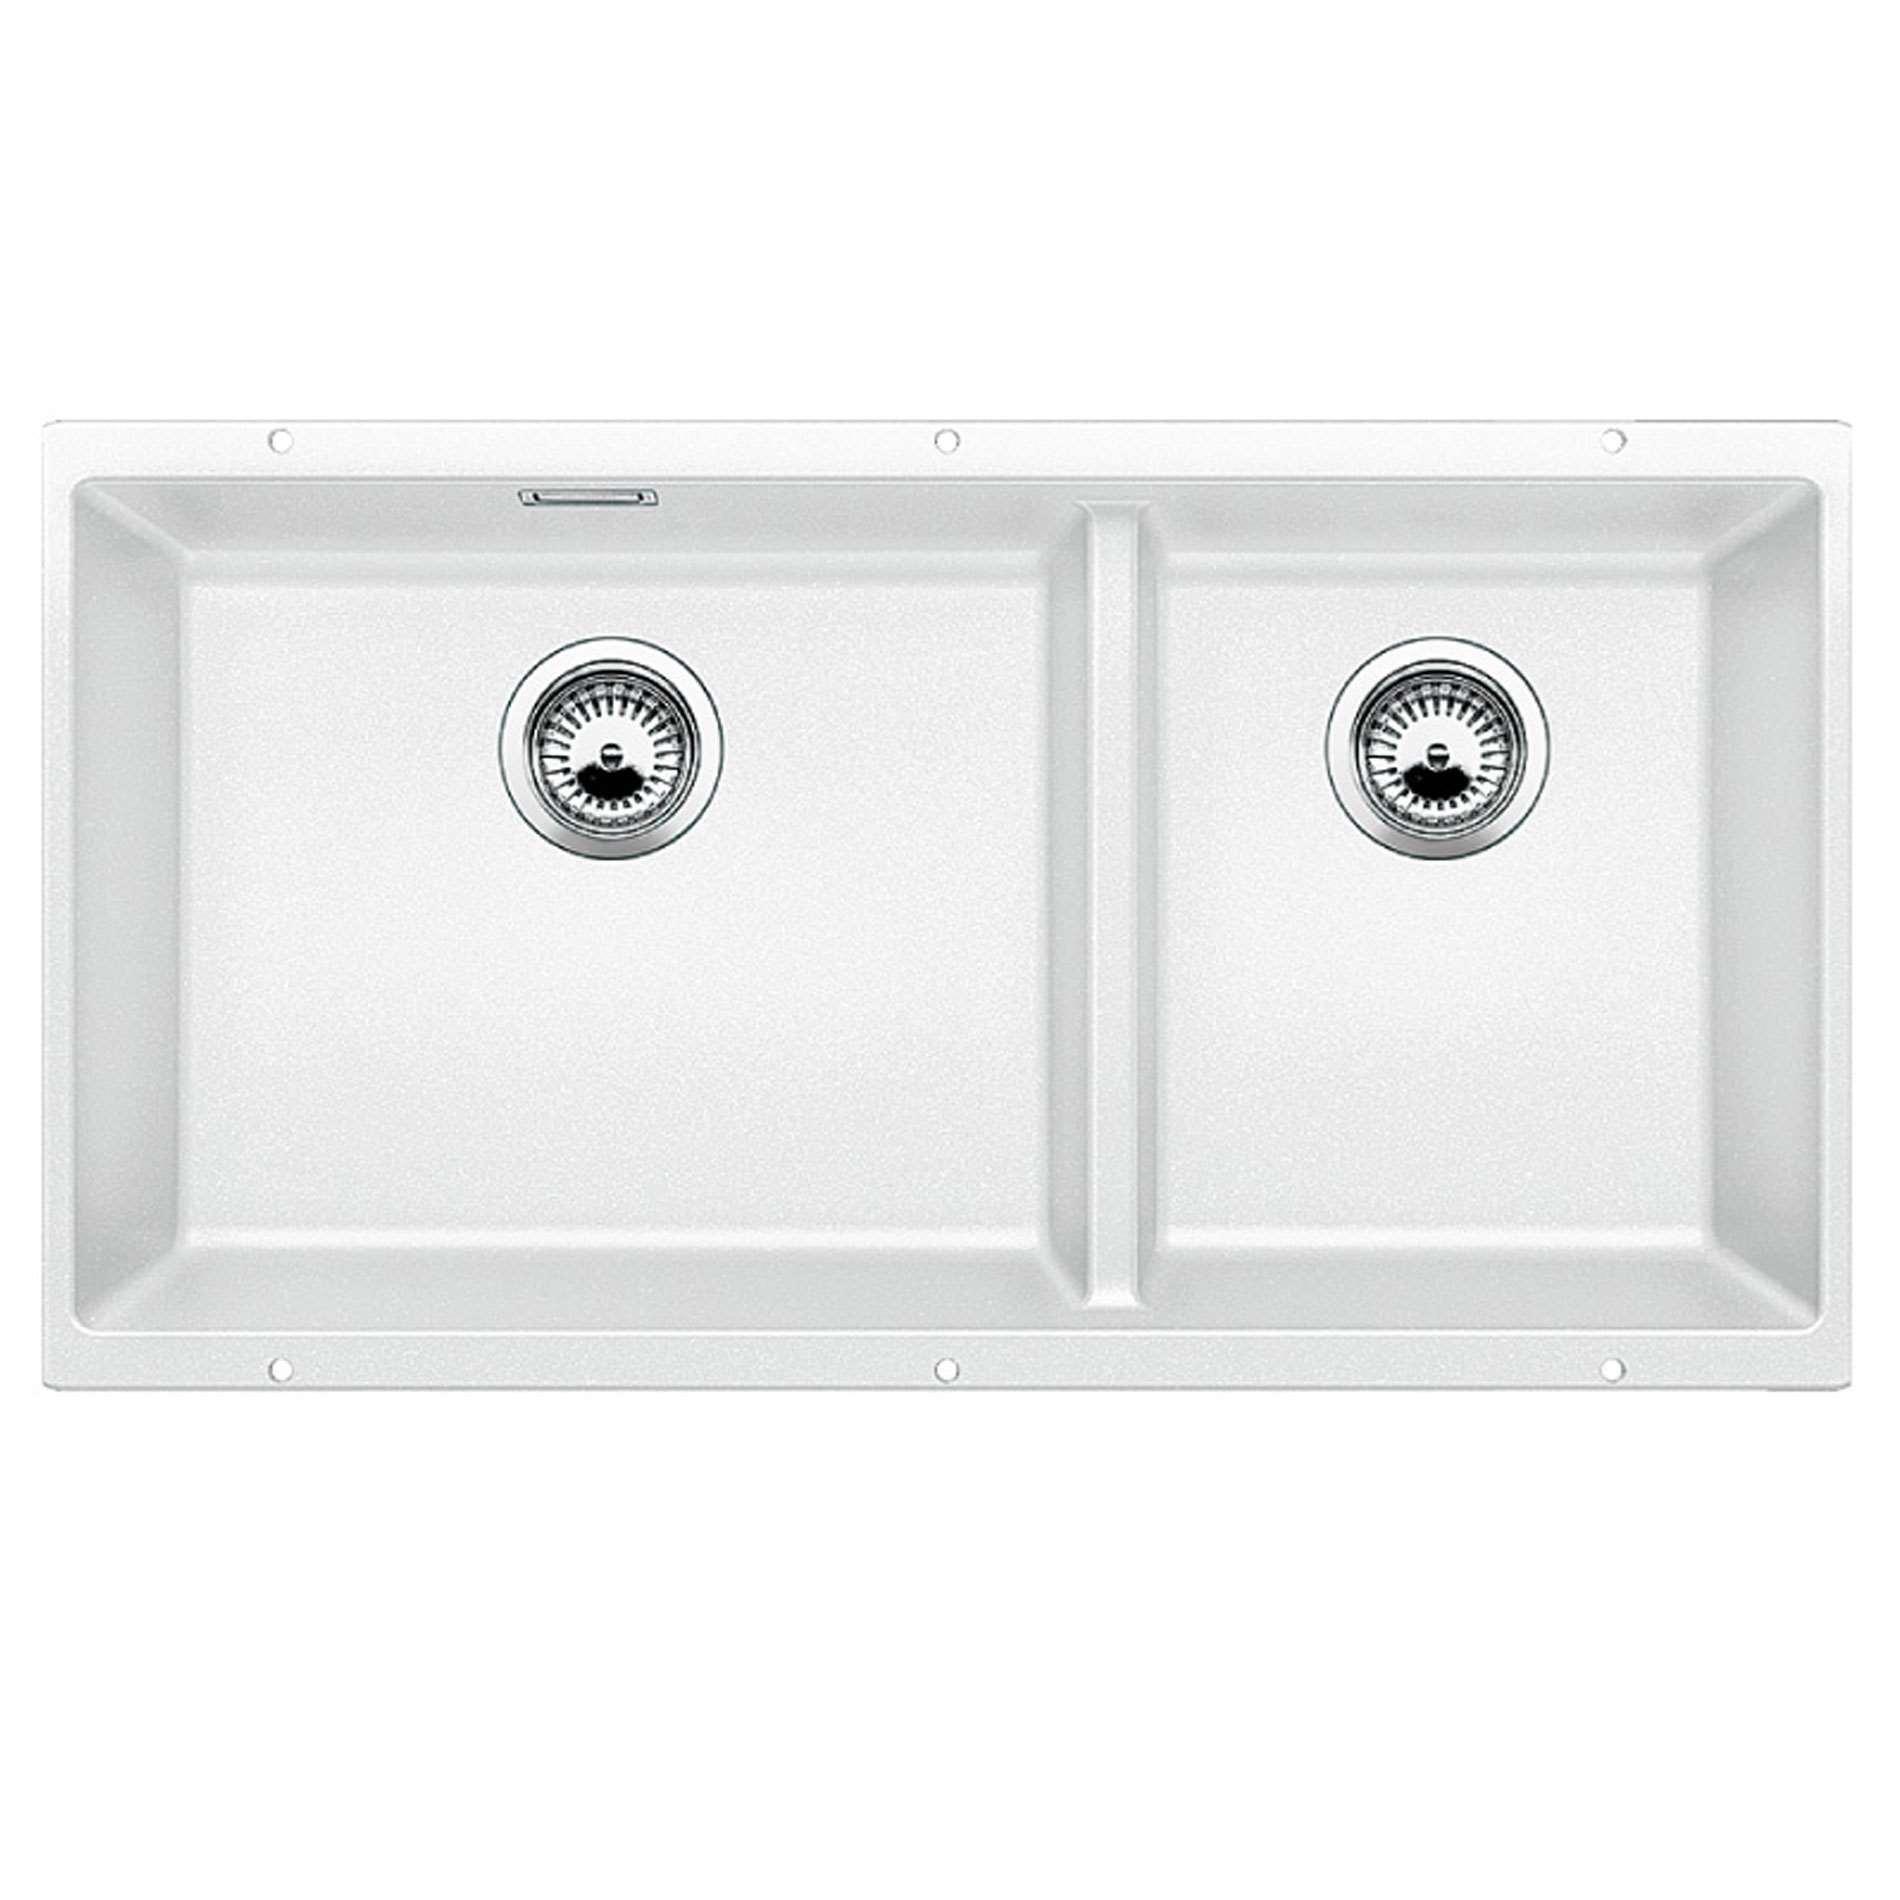 Blanco Subline 480 320 U White Silgranit Sink Kitchen